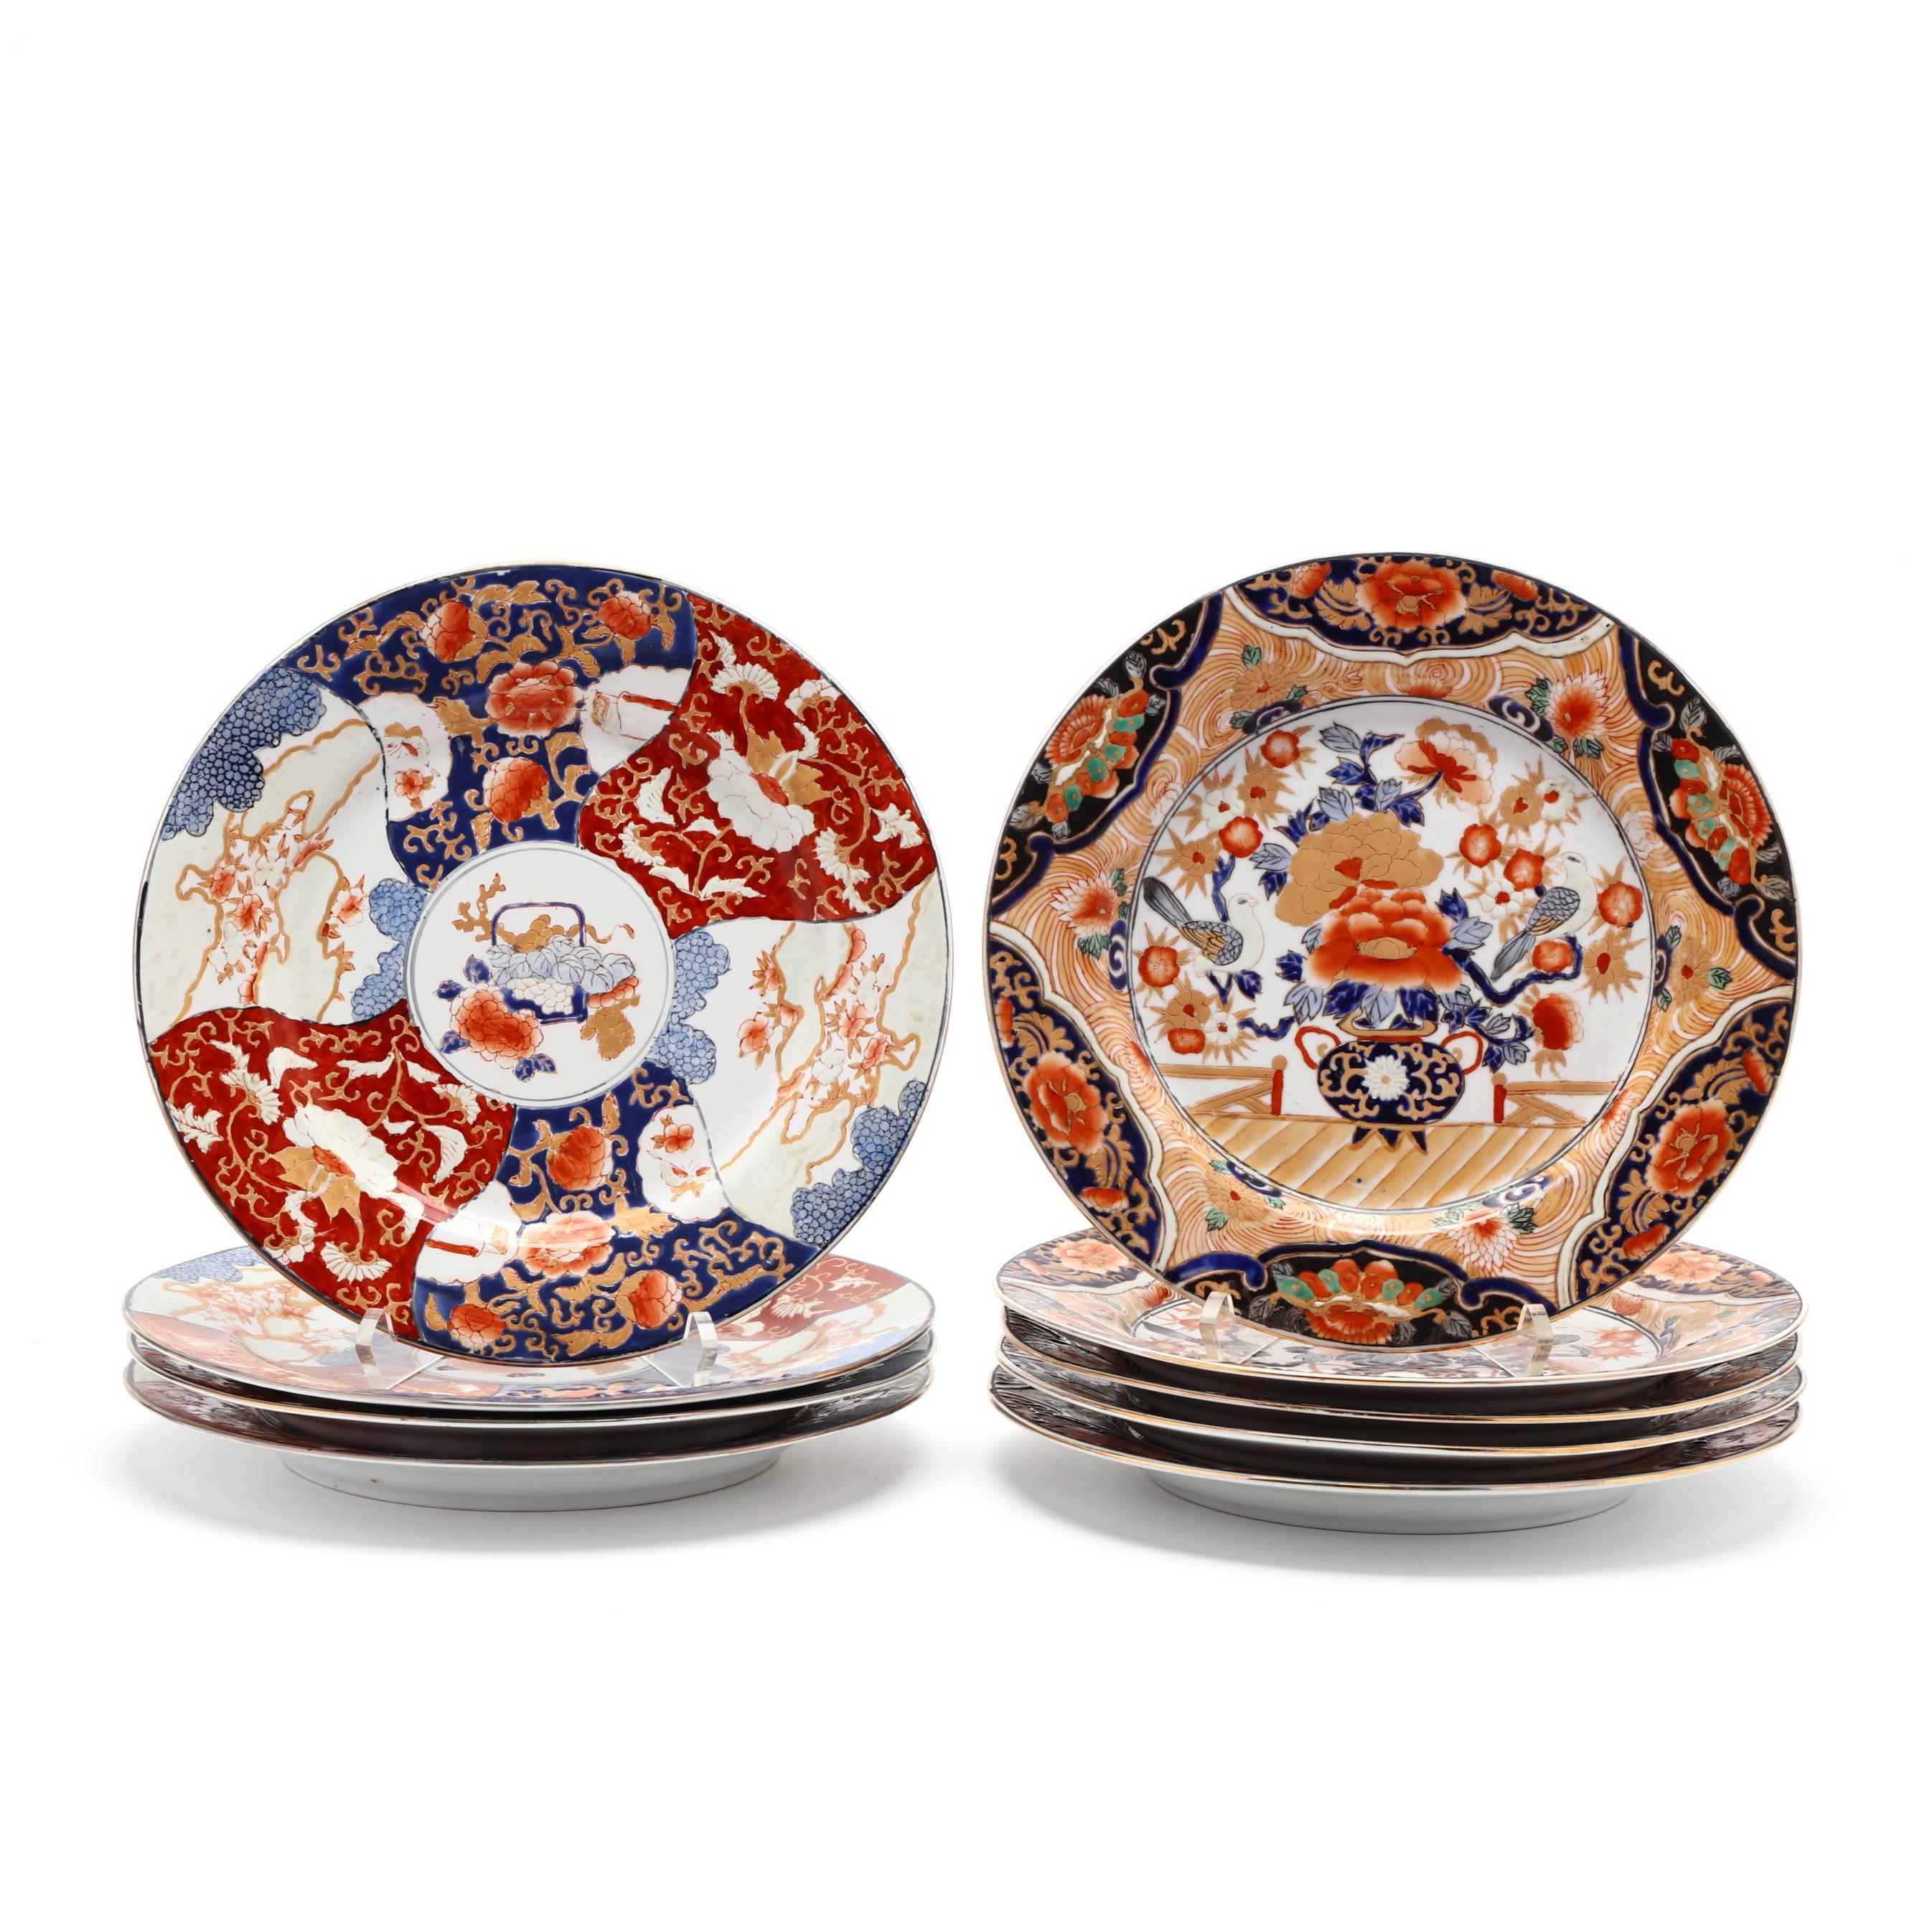 nine-japanese-imari-porcelain-dinner-plates